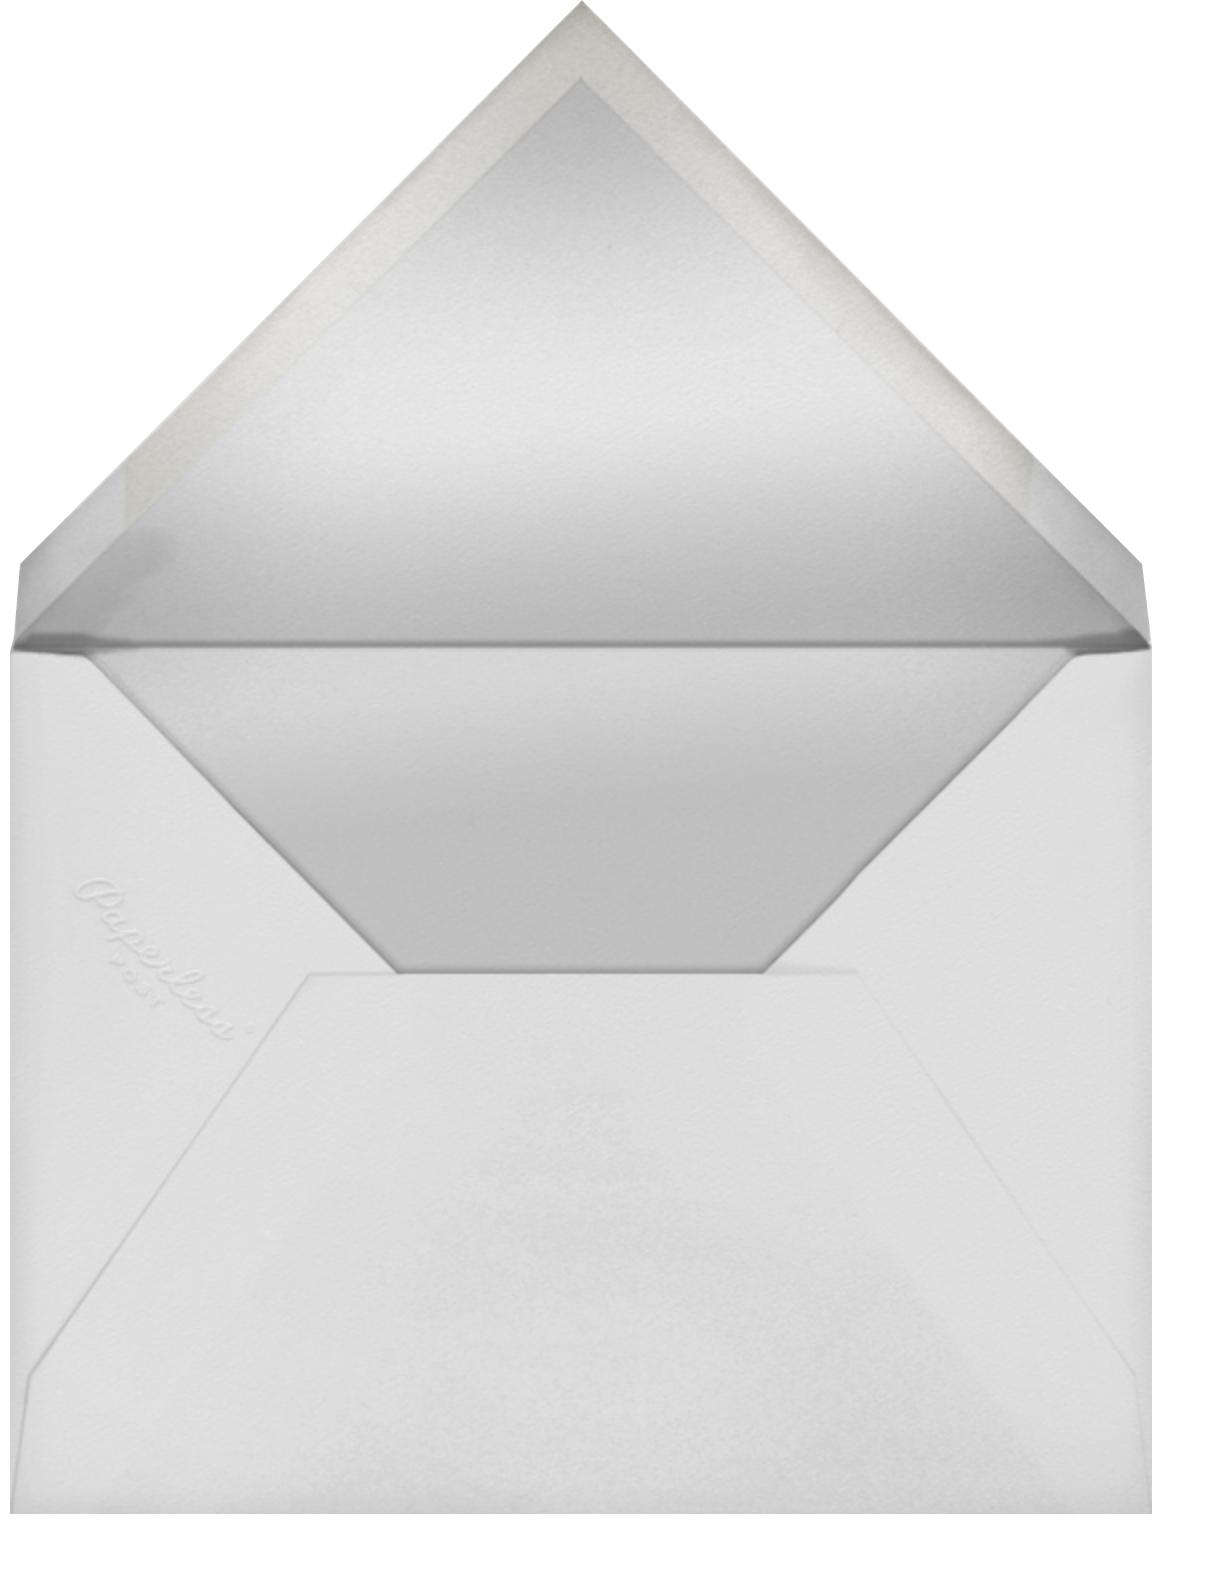 Tableau (Program) - Paperless Post - Menus and programs - envelope back